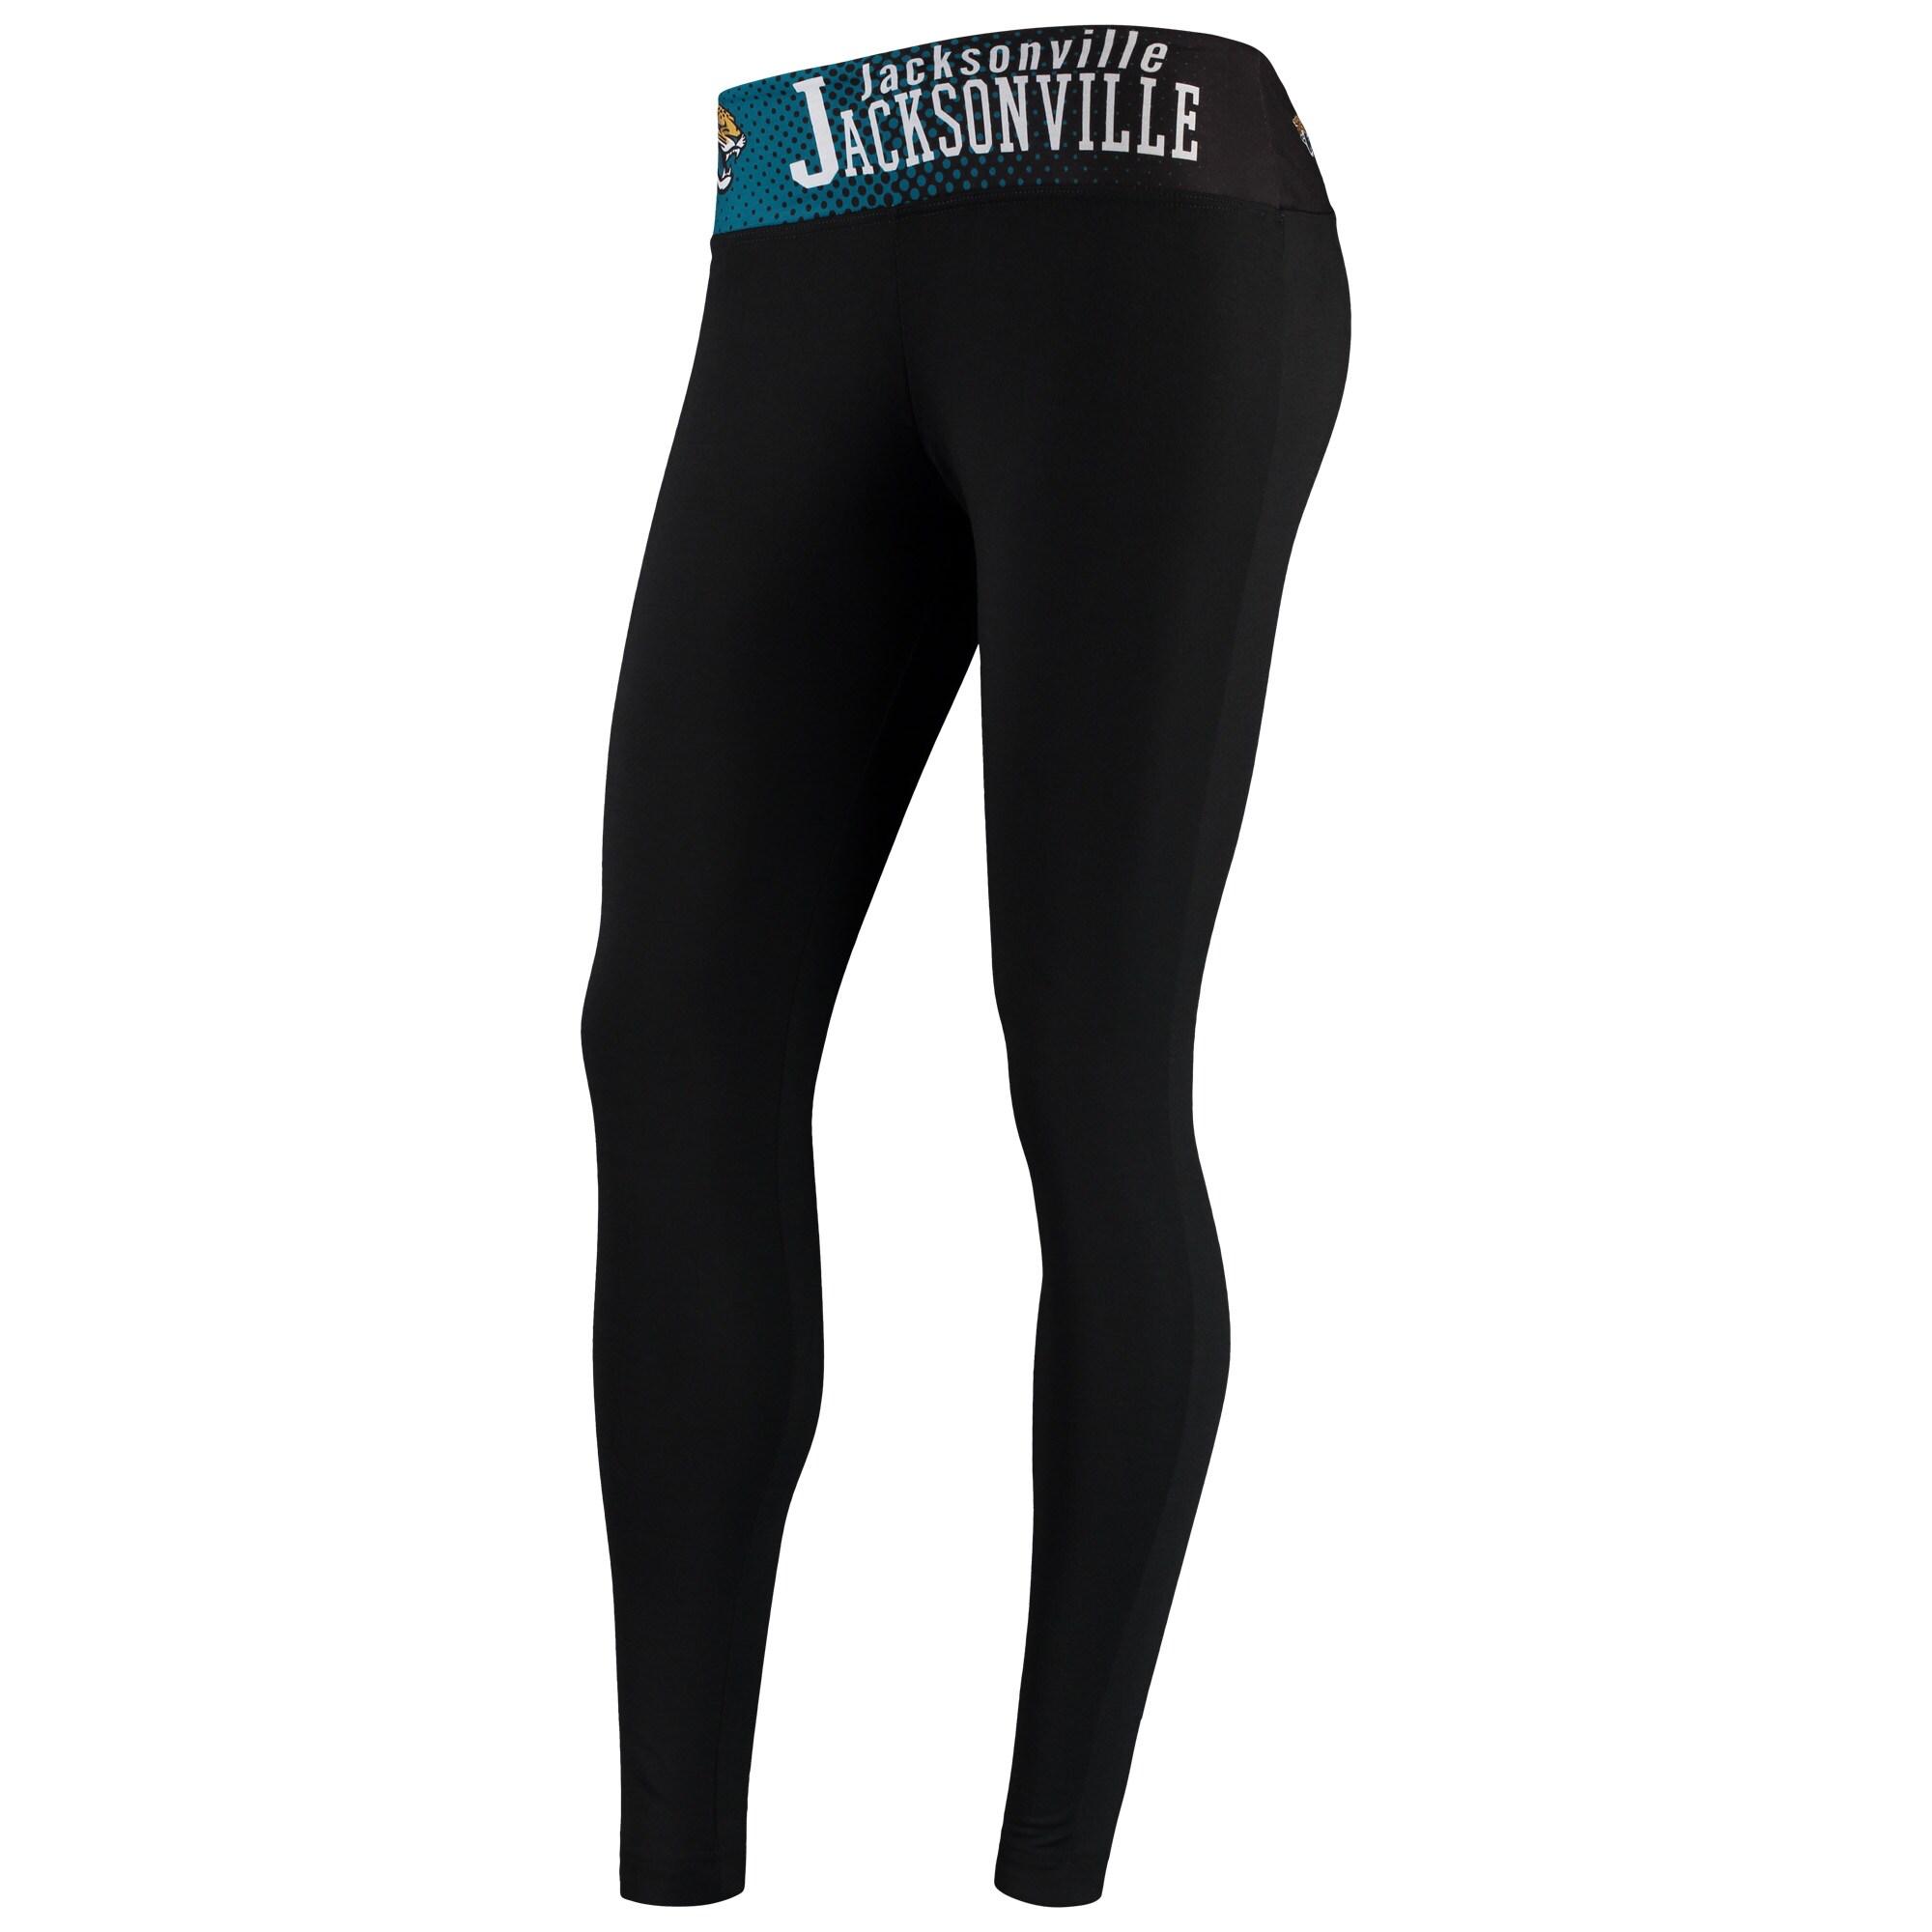 Jacksonville Jaguars Concepts Sport Women's Vortex Knit Leggings - Black